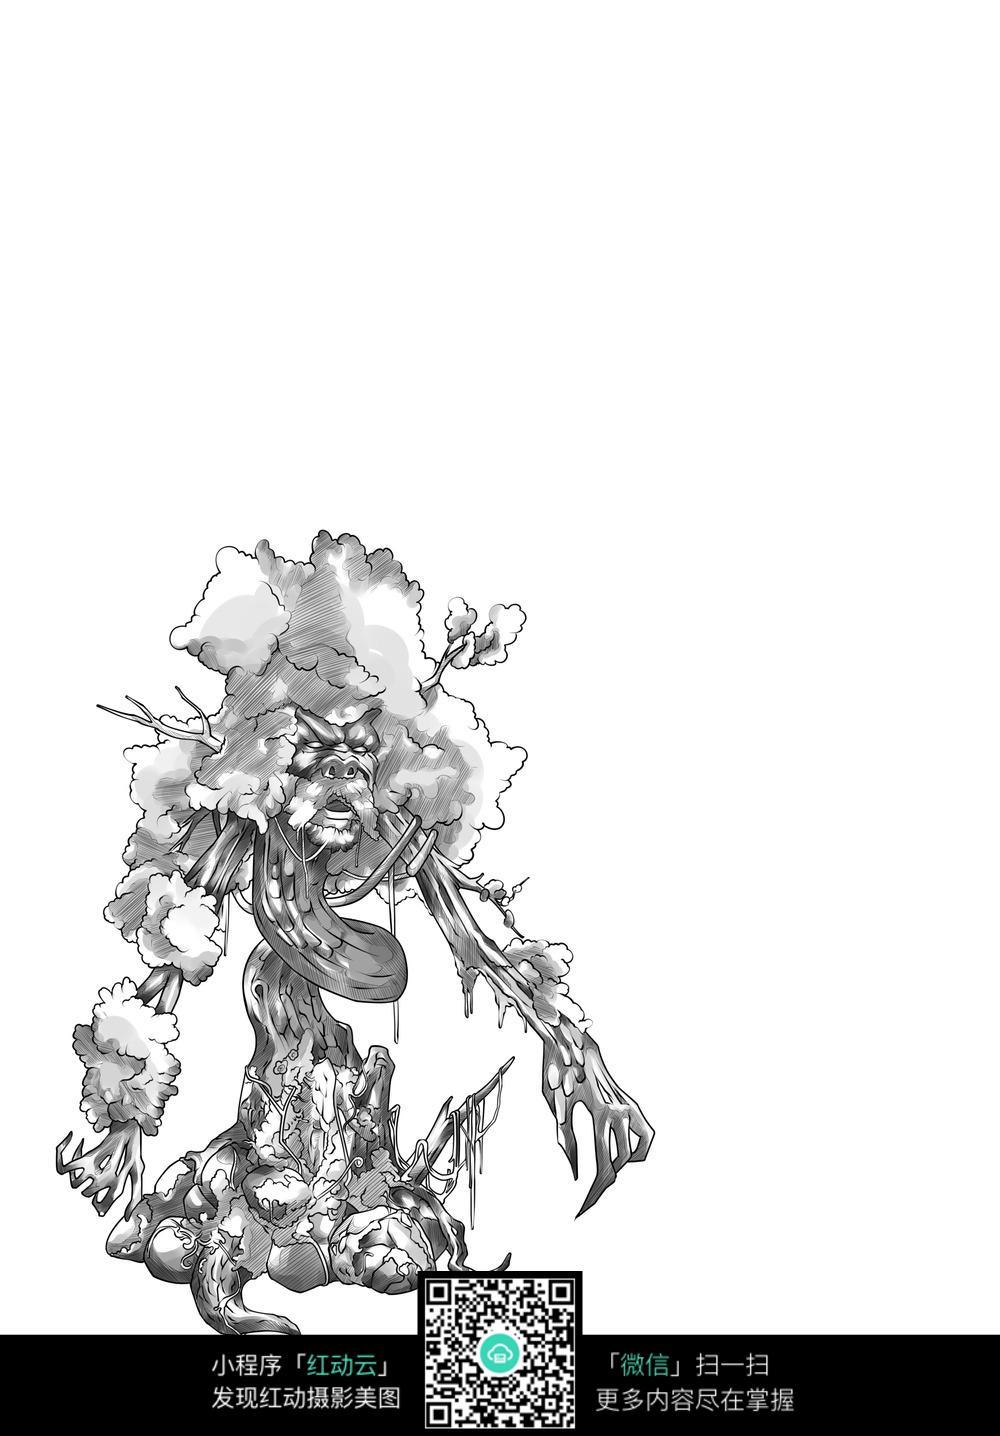 怪物卡通手绘线稿_人物卡通图片